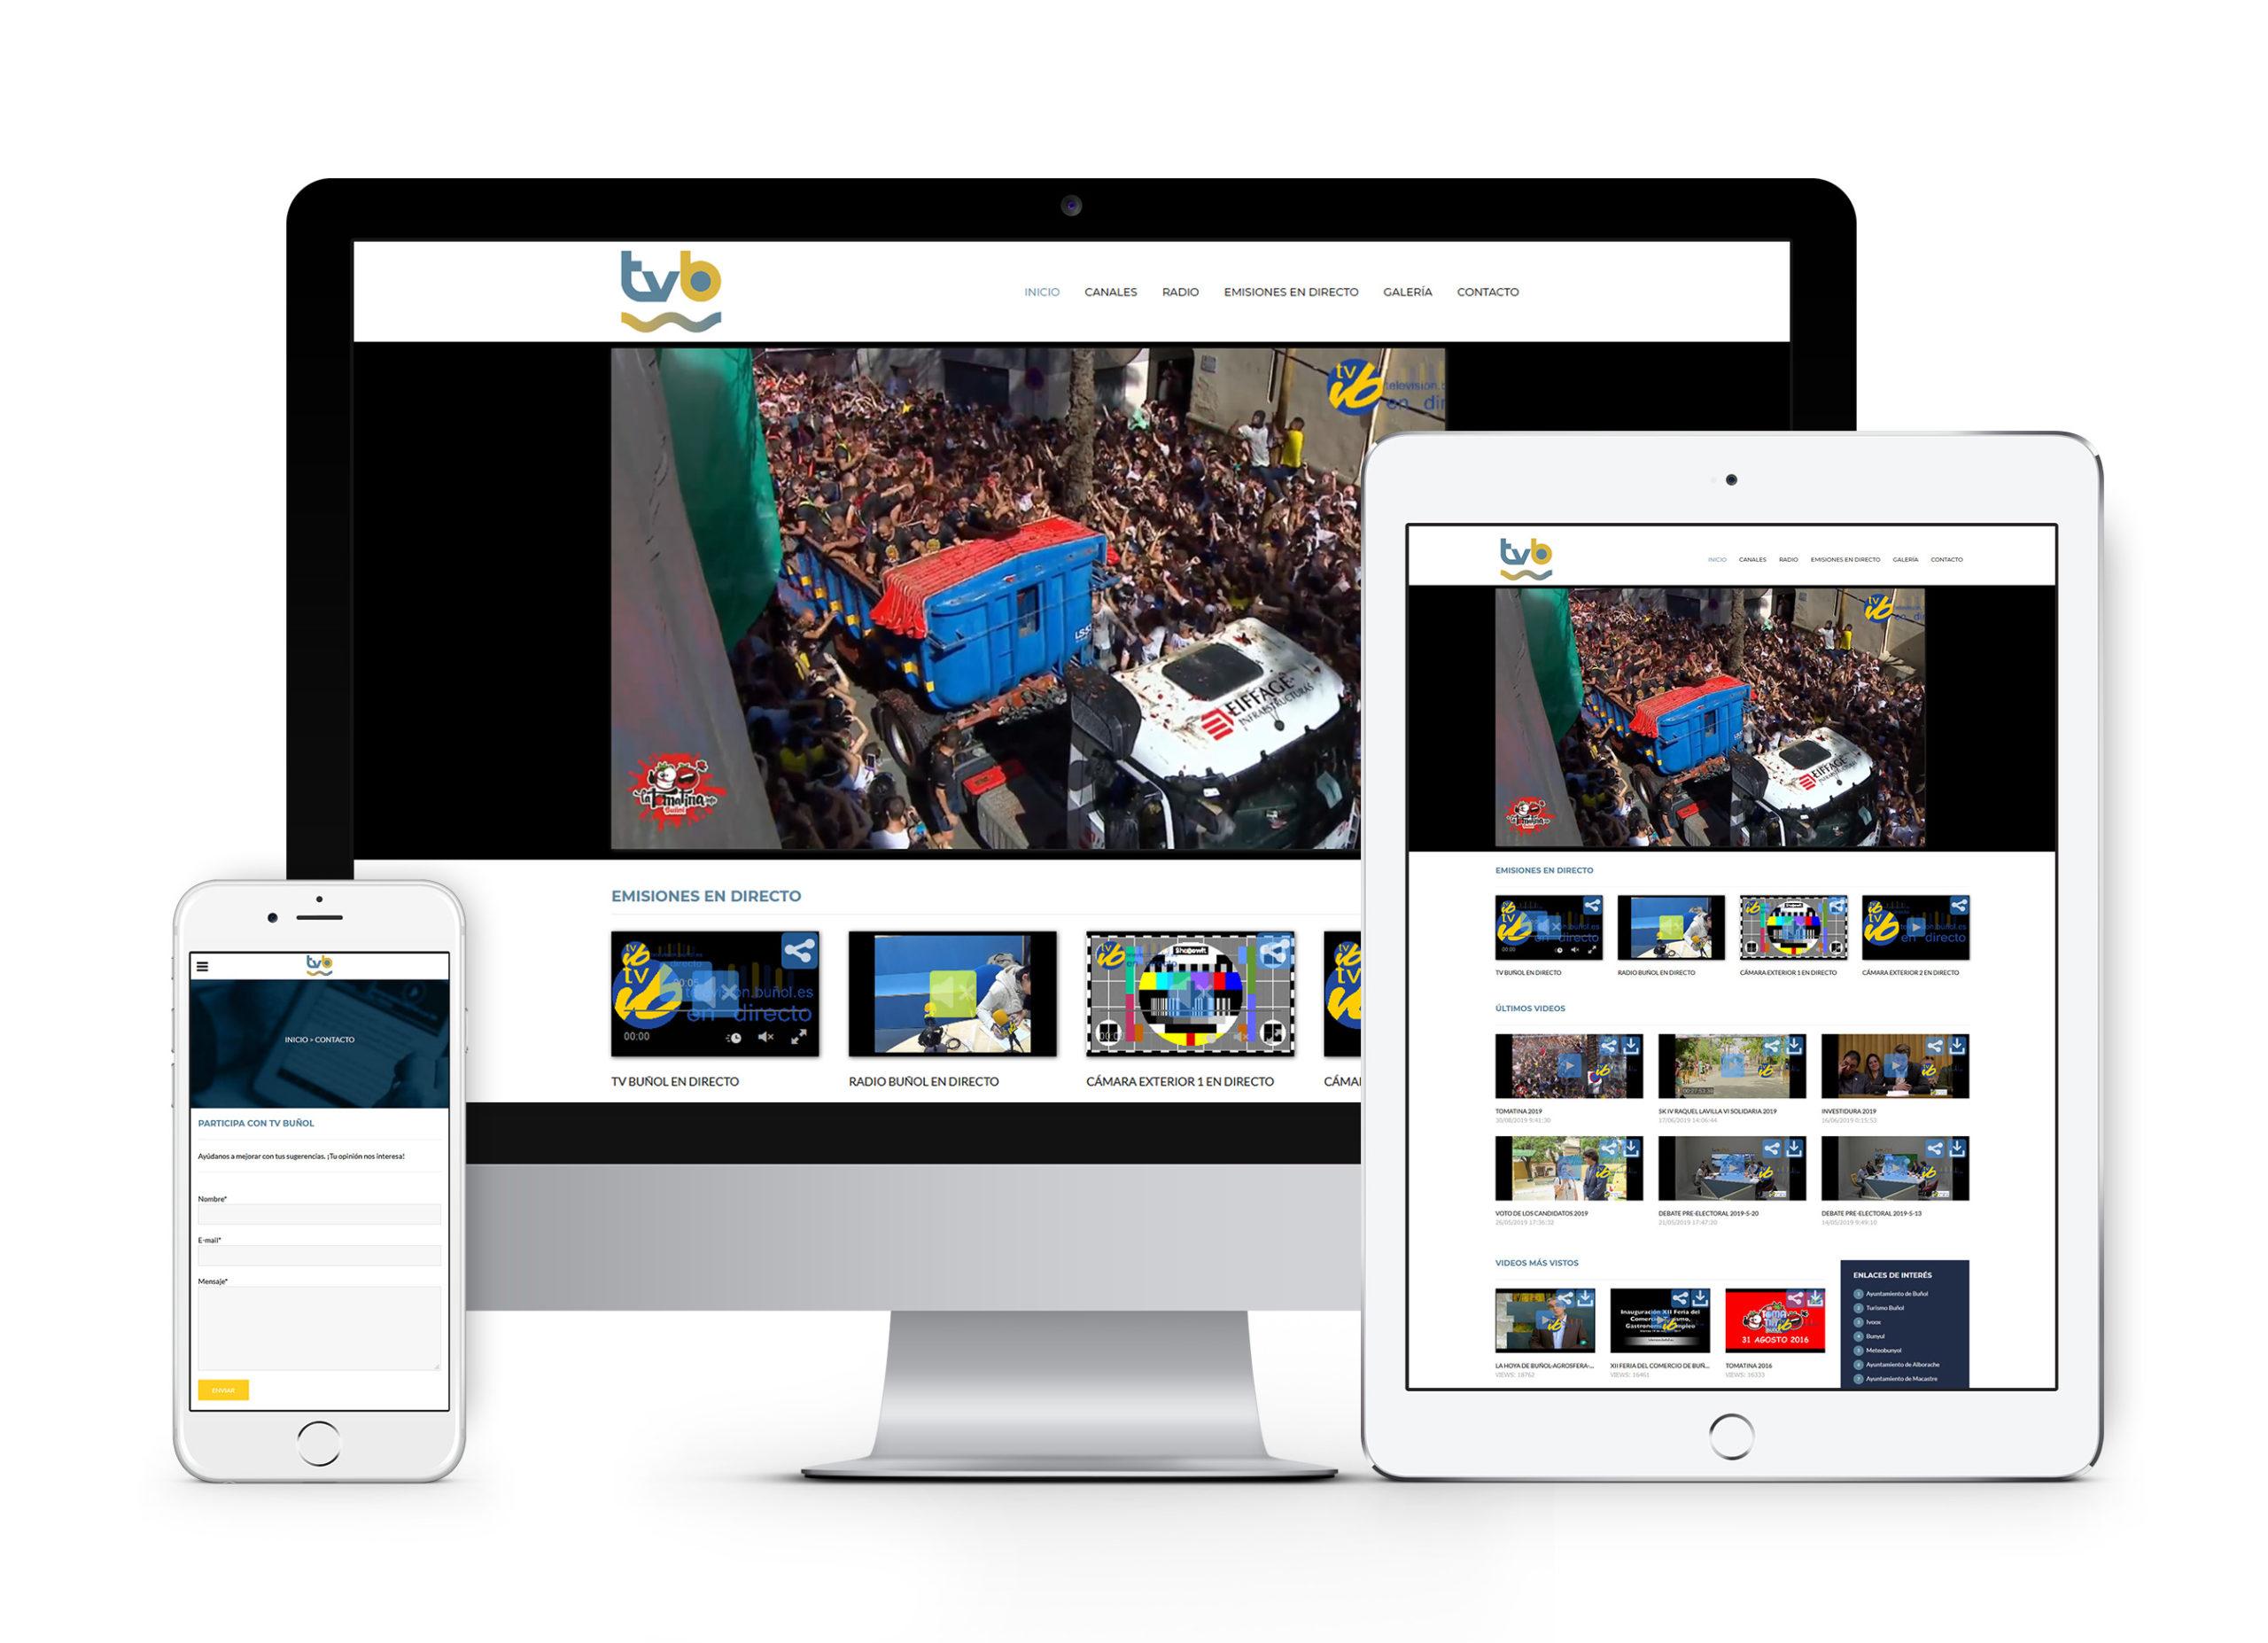 Radio Televisión Buñol - Diseño web